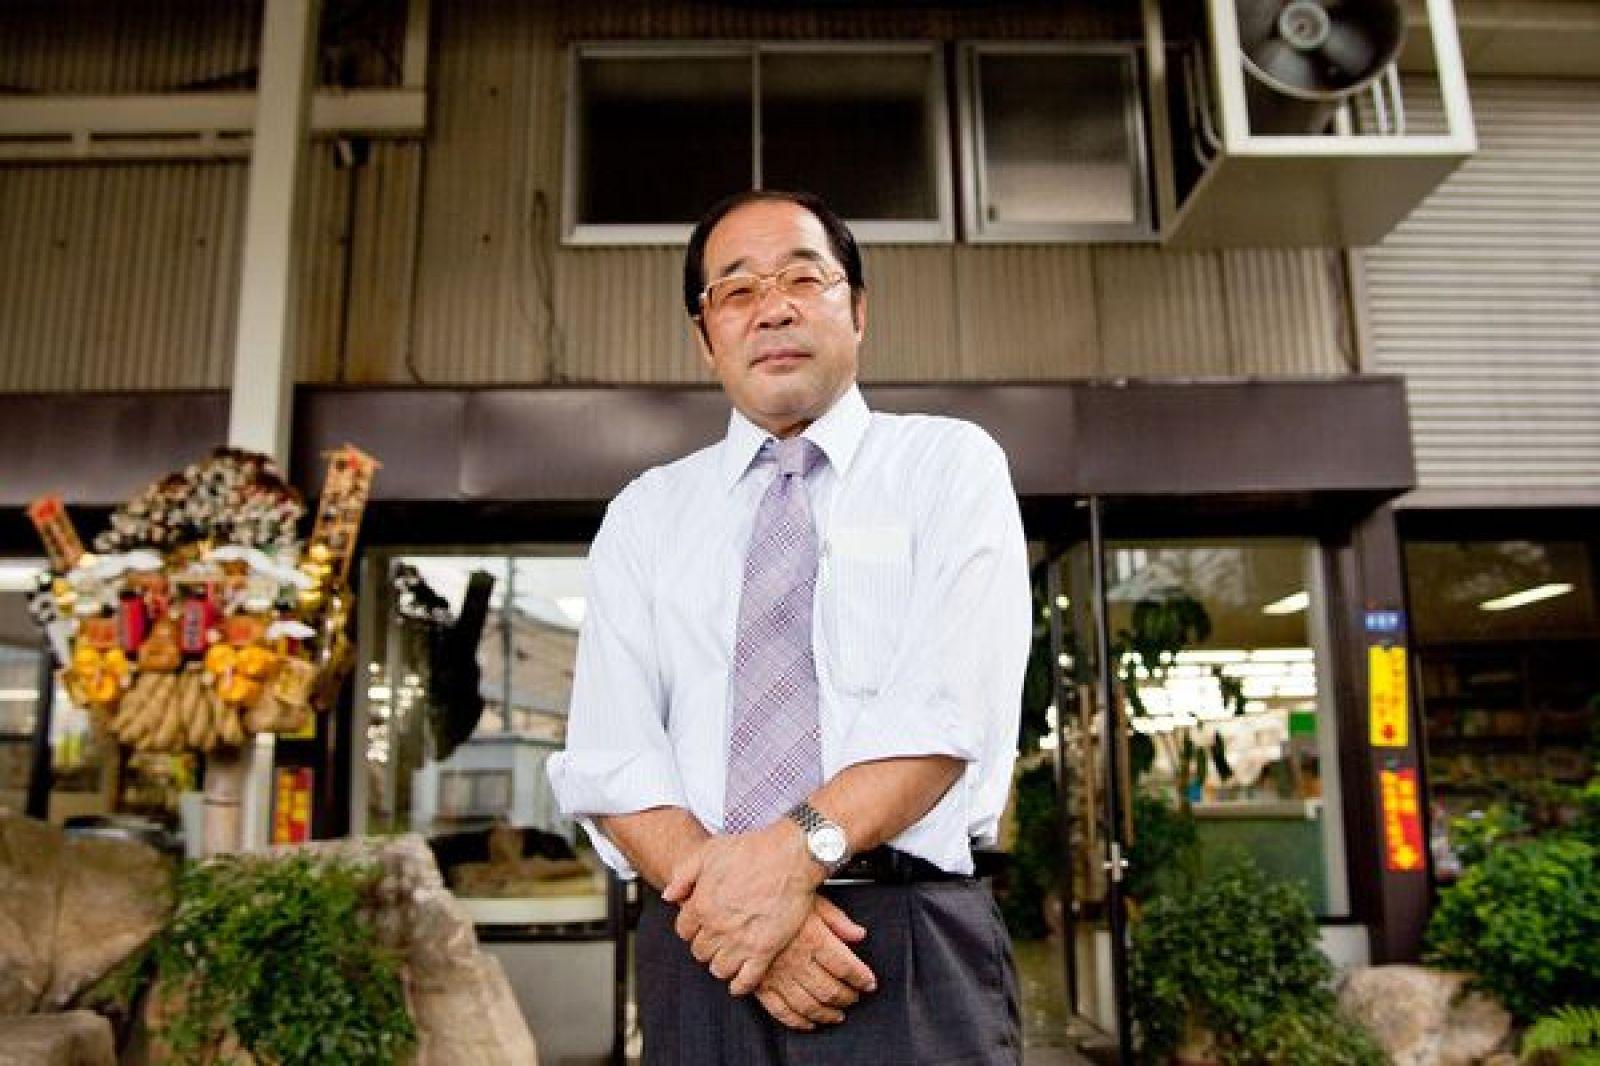 Ông Hirotake Yano, nhà sáng lập kiêm Chủ tịch của Daiso Sangyo Corp. - Ảnh: Daiso Sangyo/Bloomberg.